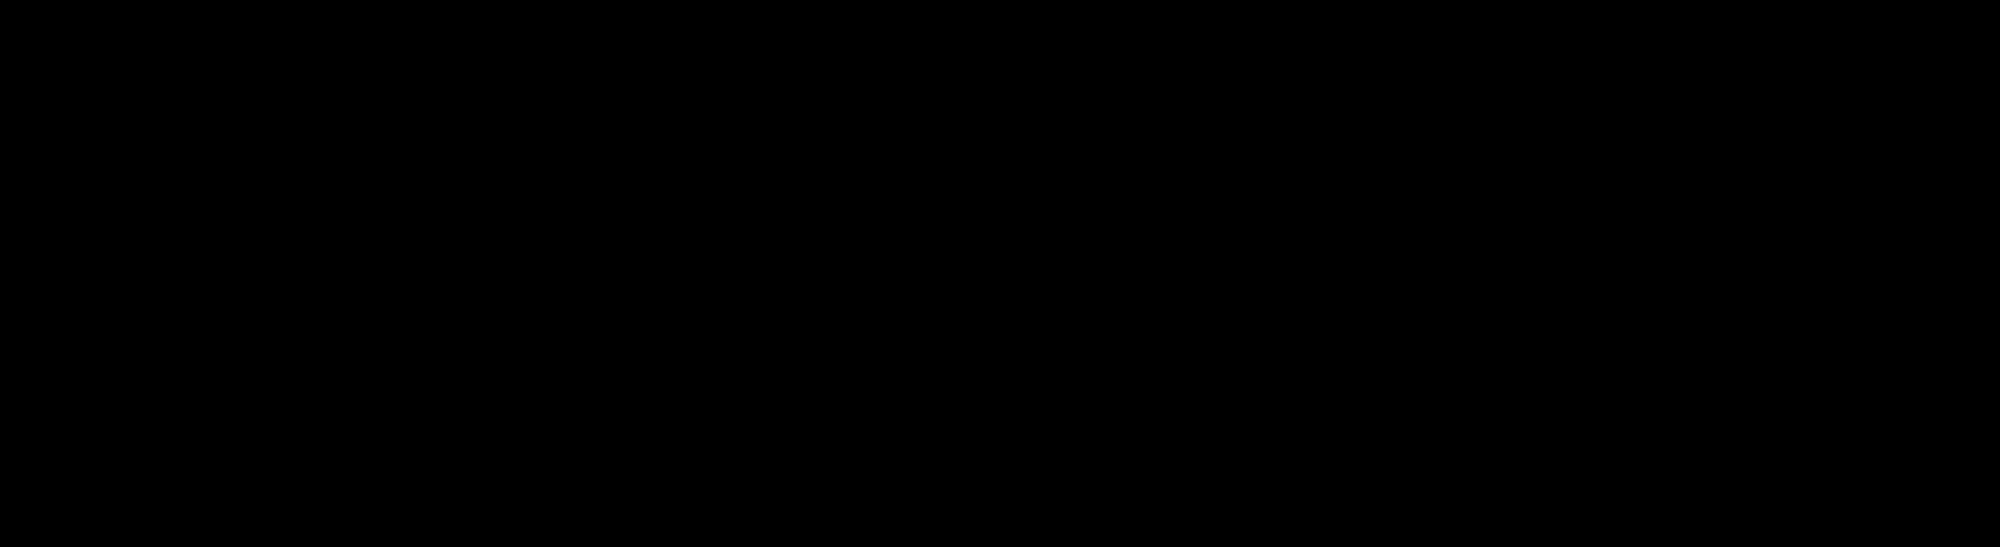 2000px-Valve_logo.svg